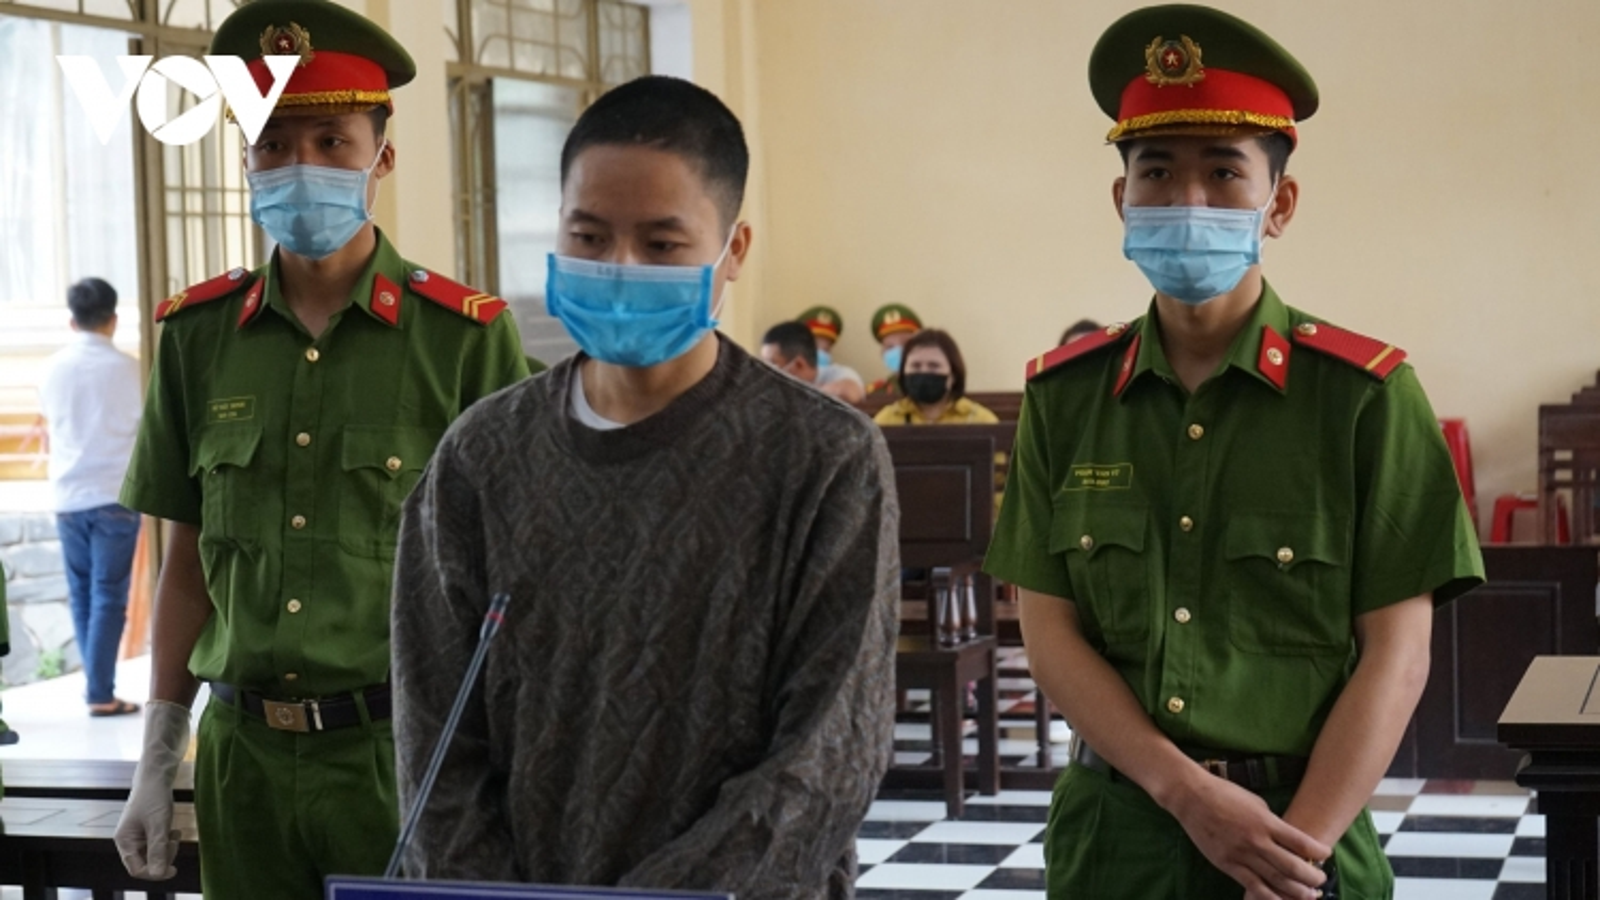 Phu vàng cầm dao đâm chết quản lý lĩnh 2 năm tù